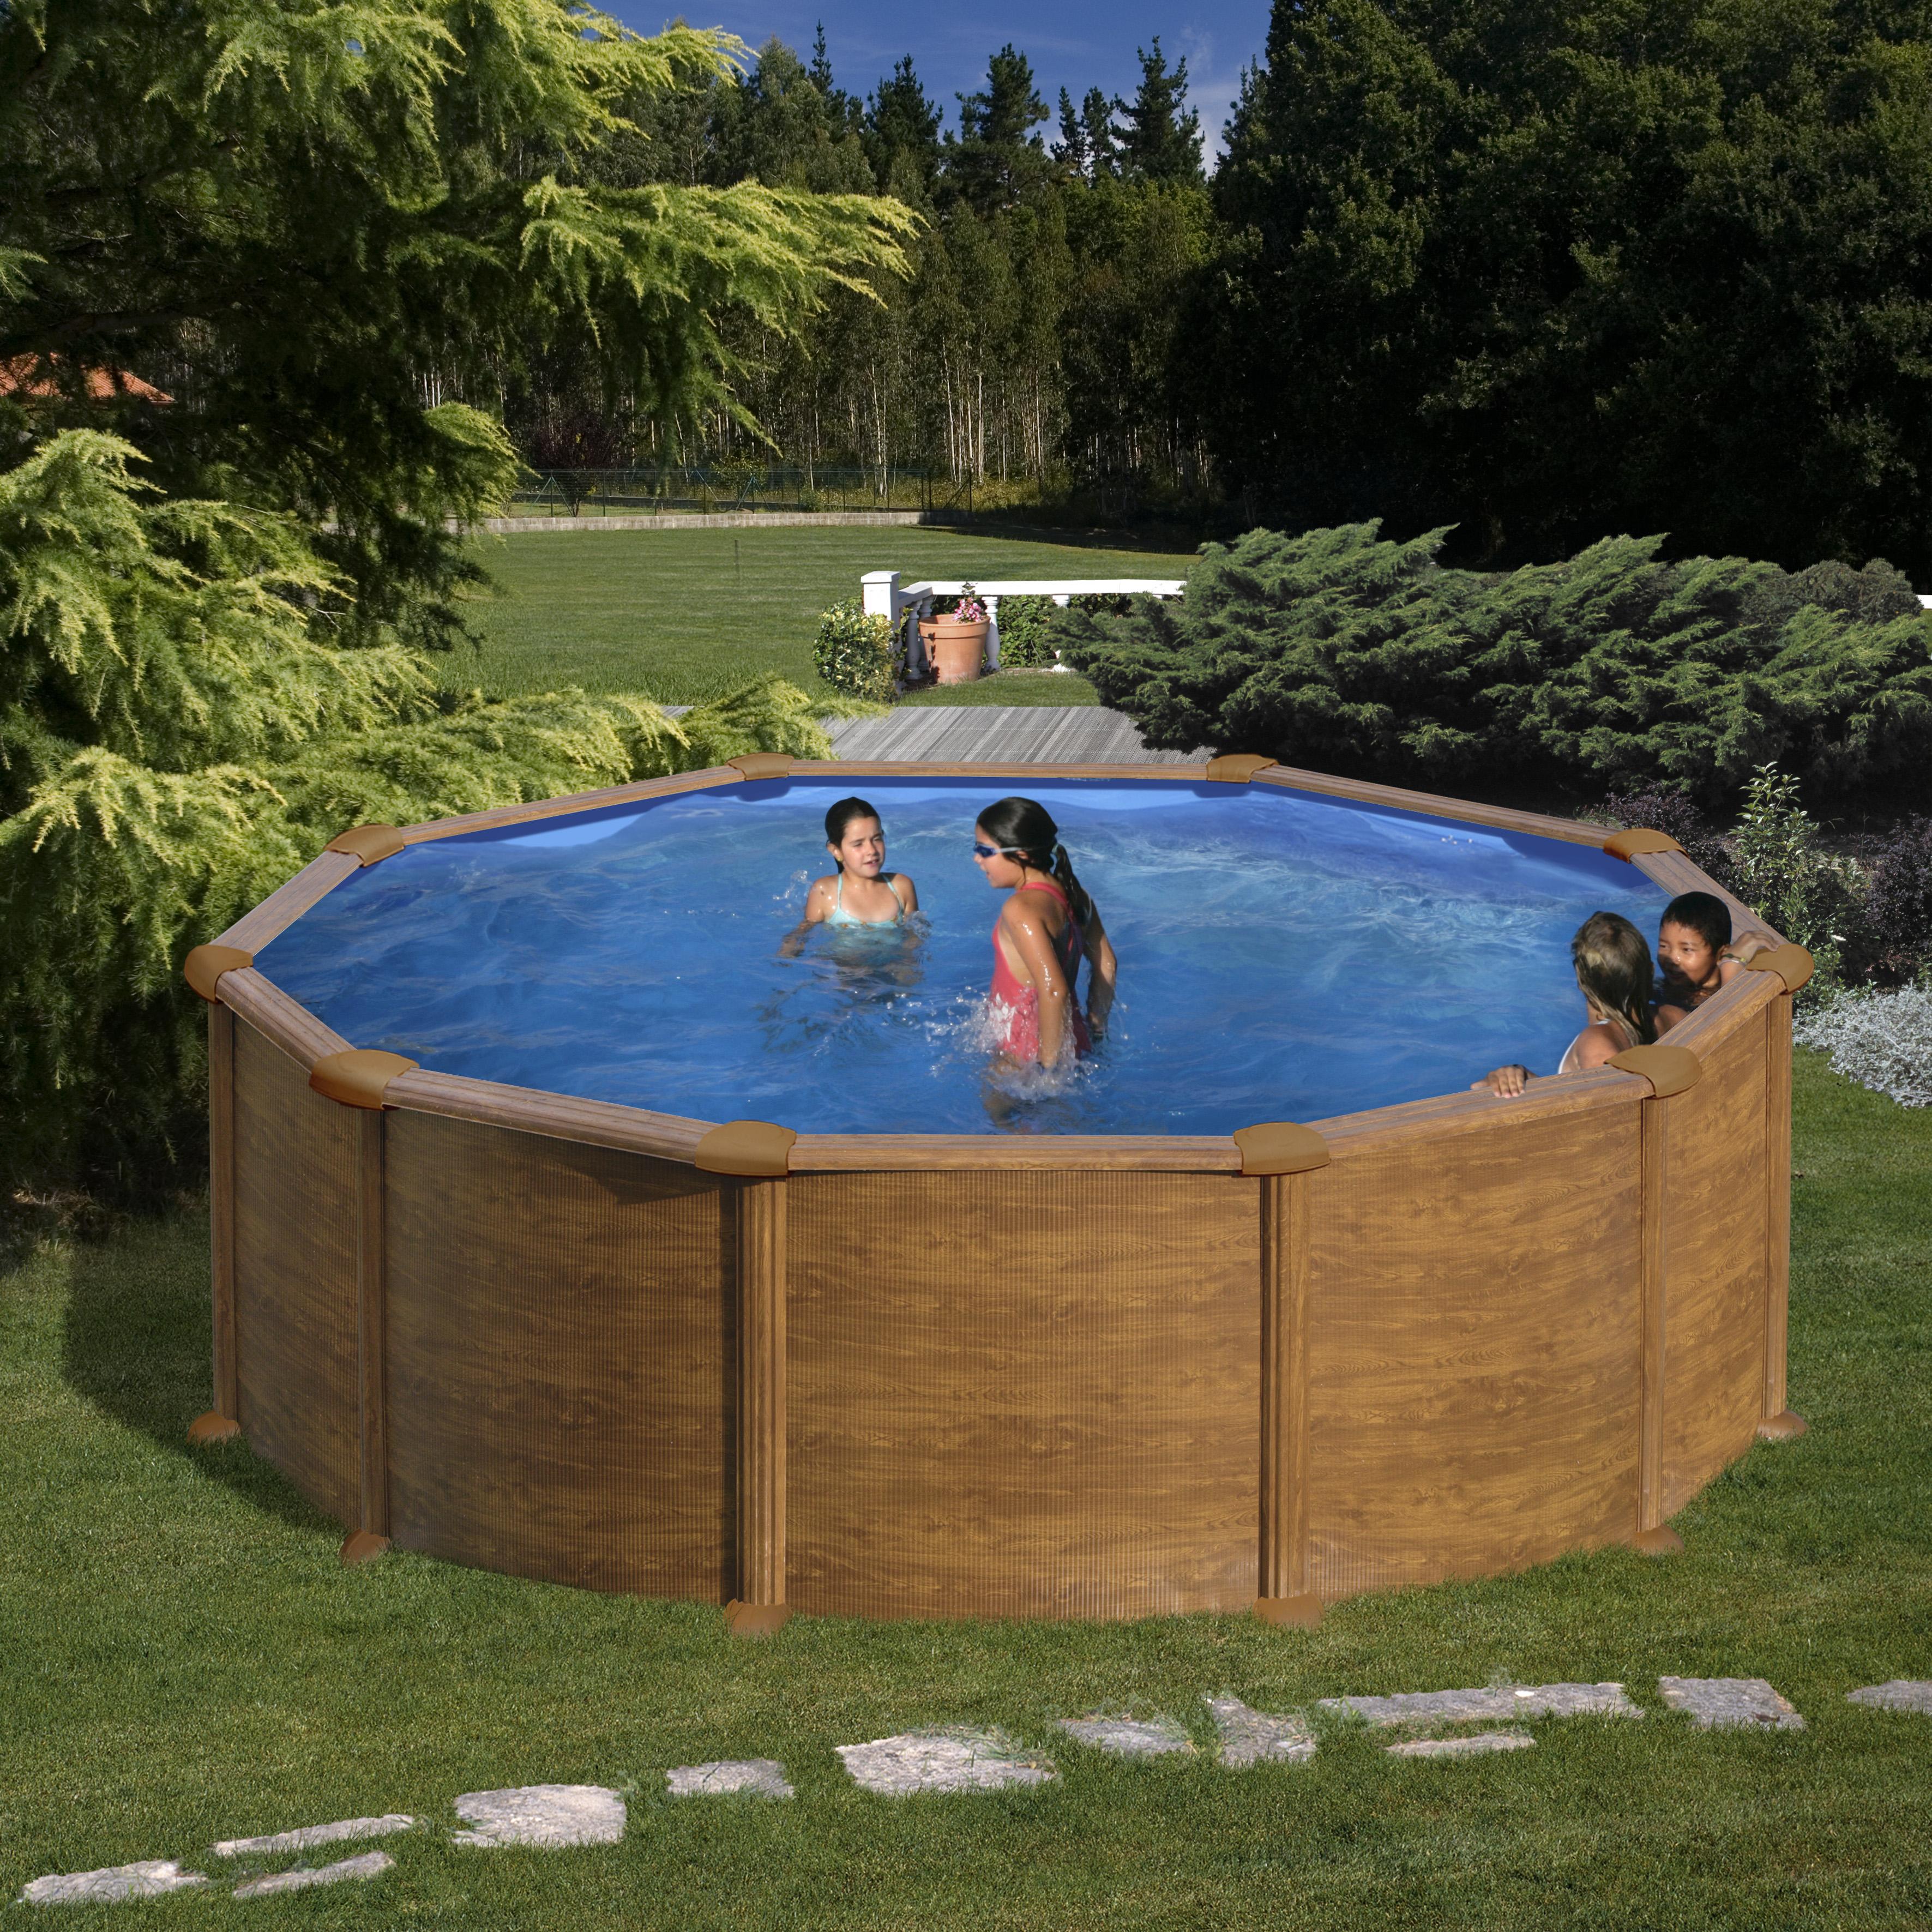 Piscina rotonda gre pacific effetto legno h 120 cm for Piscina rotonda